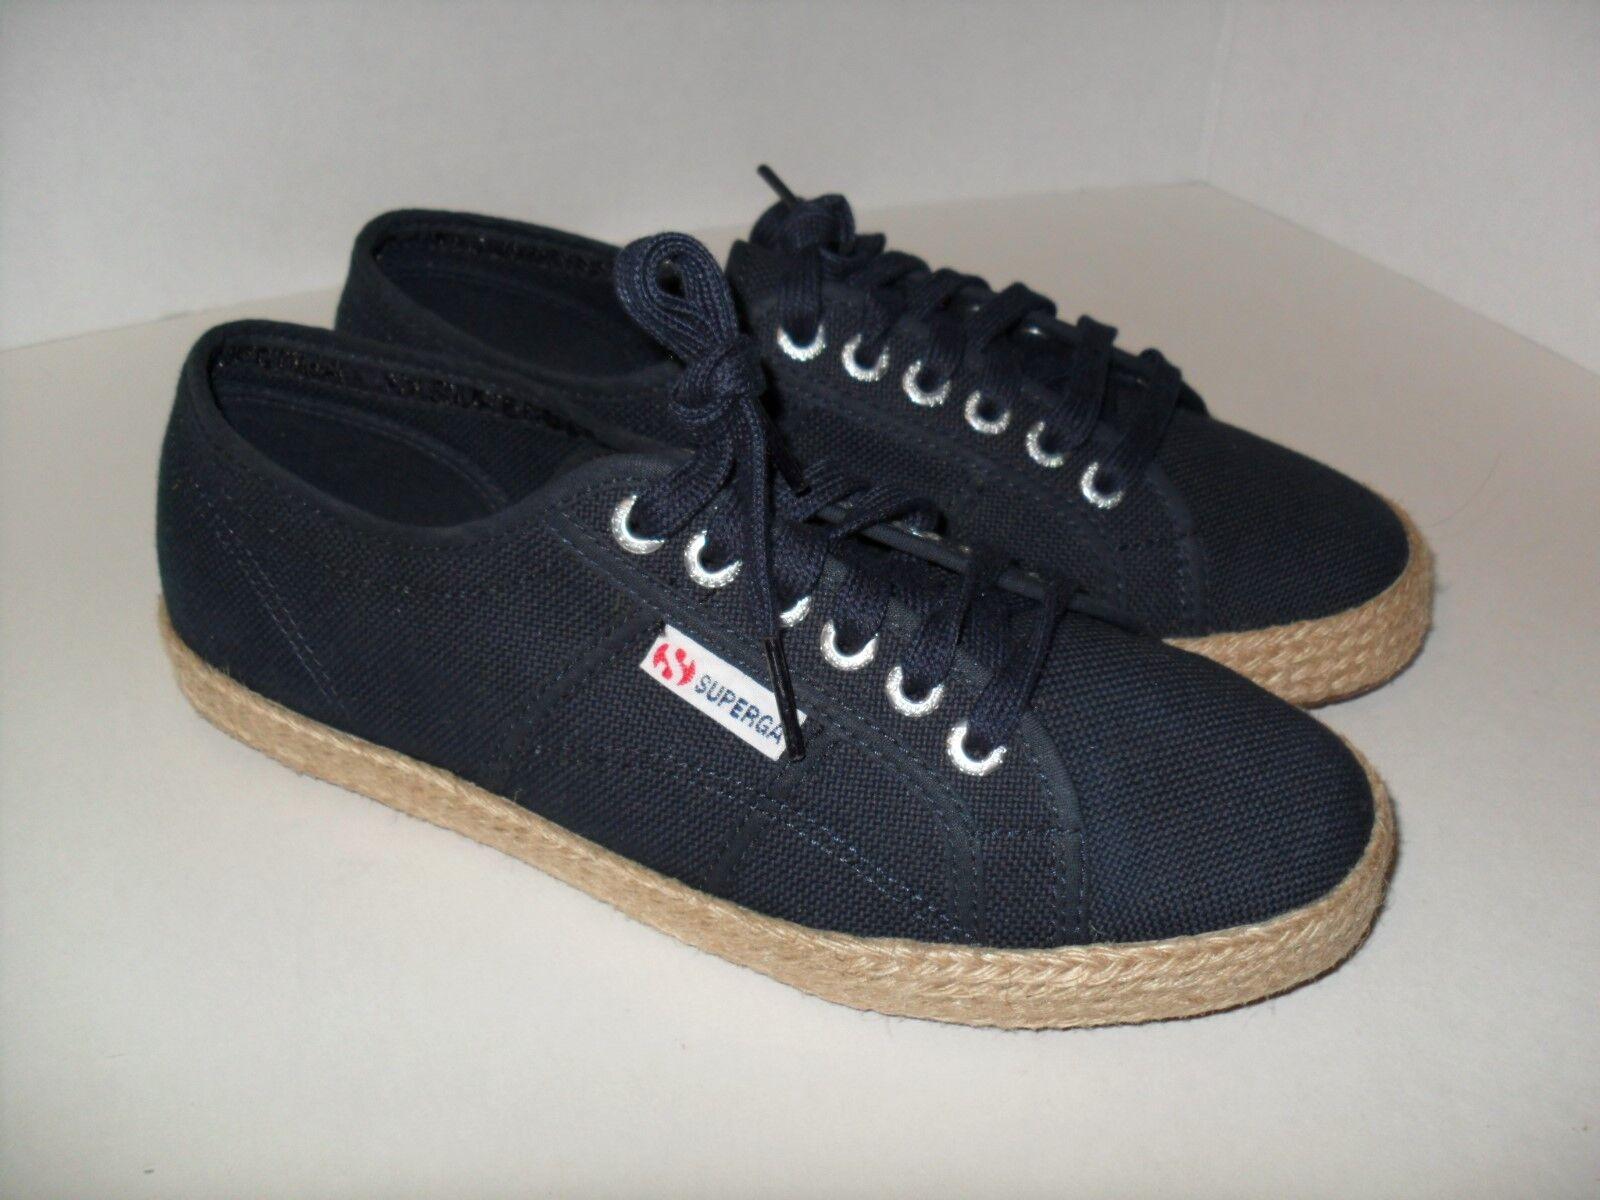 Unisex Superga 2750 Cotropeu Navy bluee US Sz Men's-7 Women's-8.5 Trainers shoes